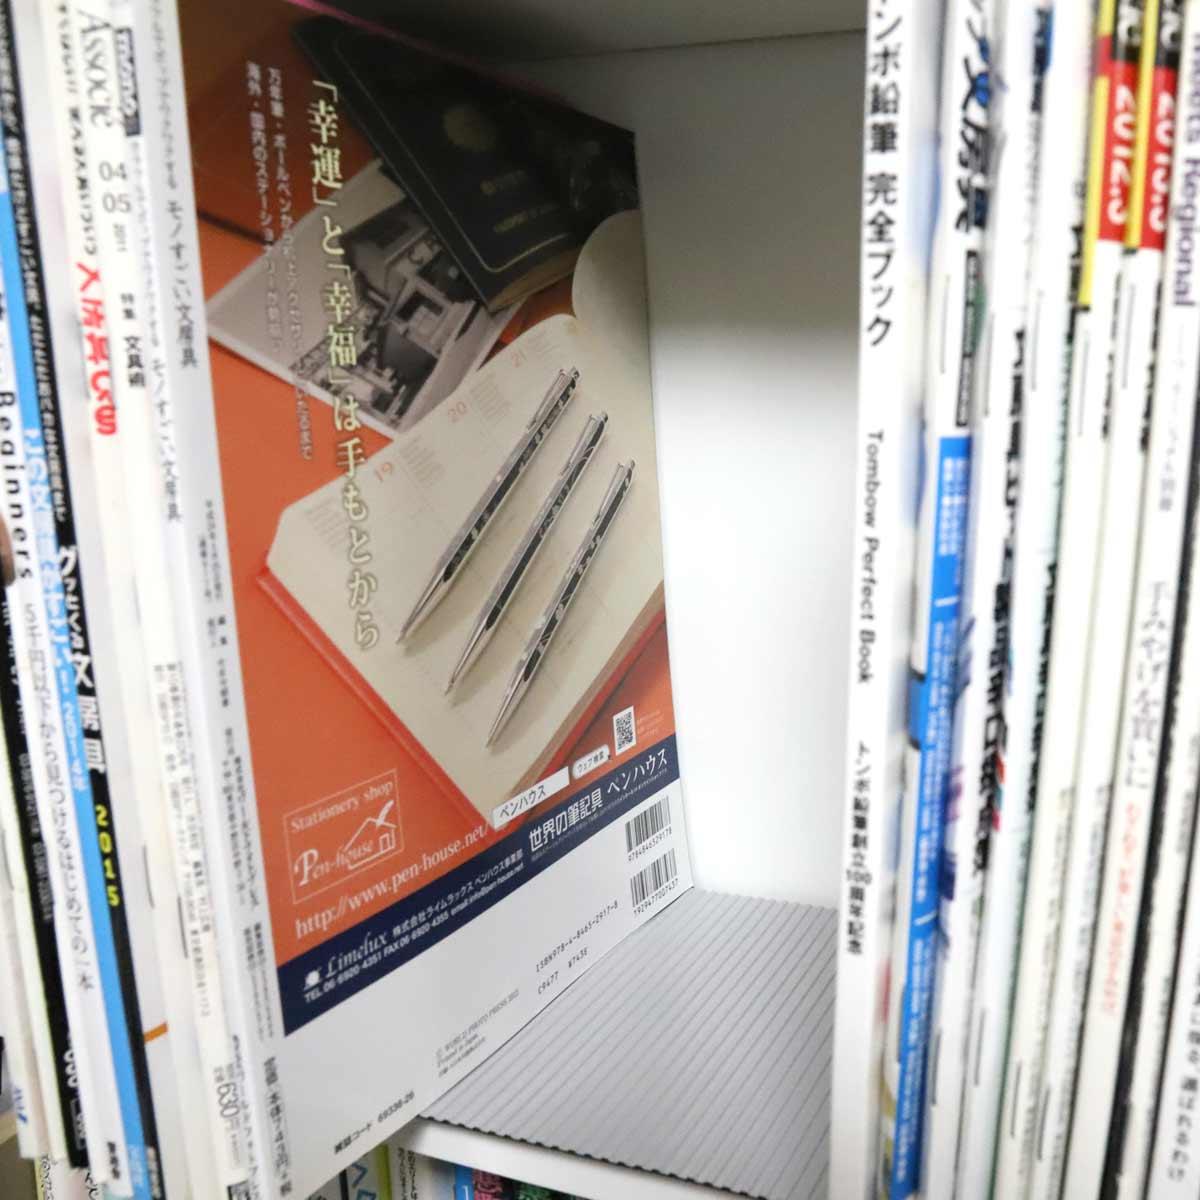 「薄い本が倒れない本棚シート」や「静かなPPテープ」など天才的アイデア文具集結!